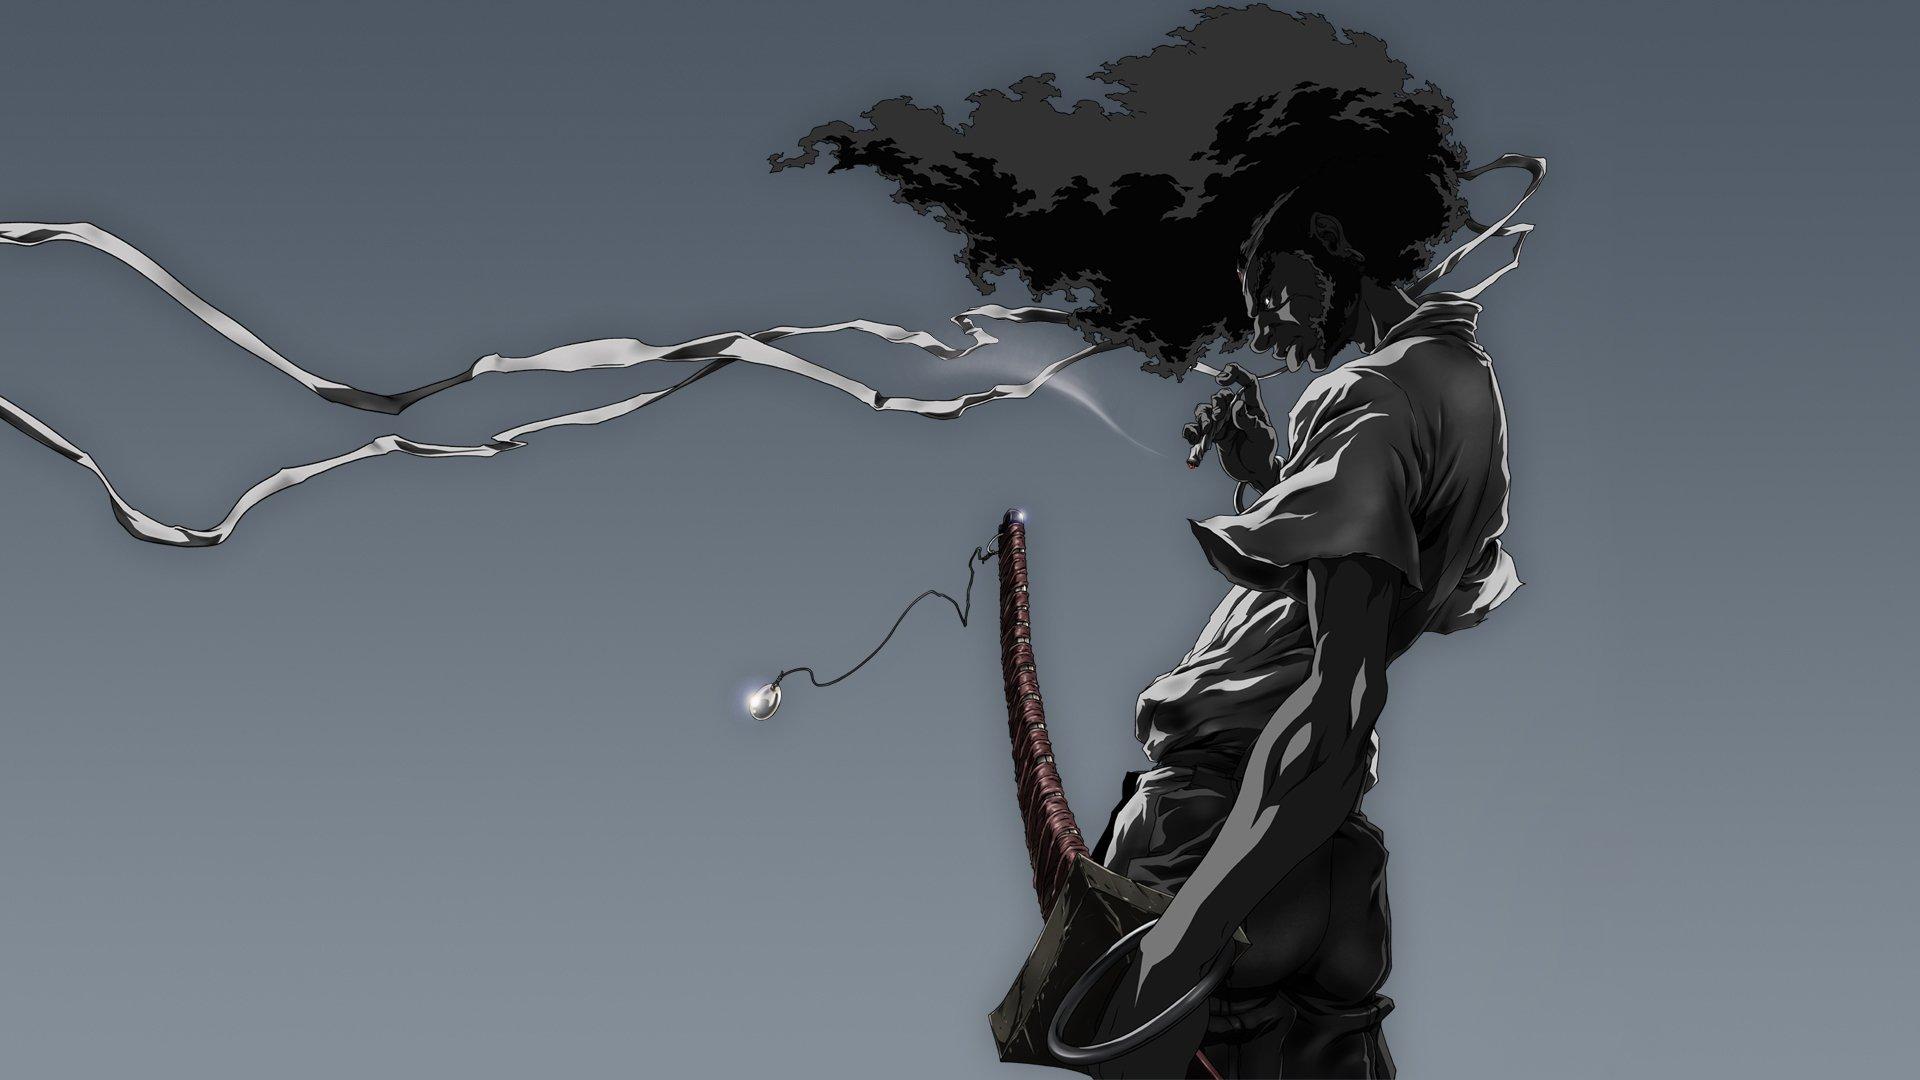 Drawn samurai hd wallpapers Wallpaper HD Wallpaper Samurai Wallpapers